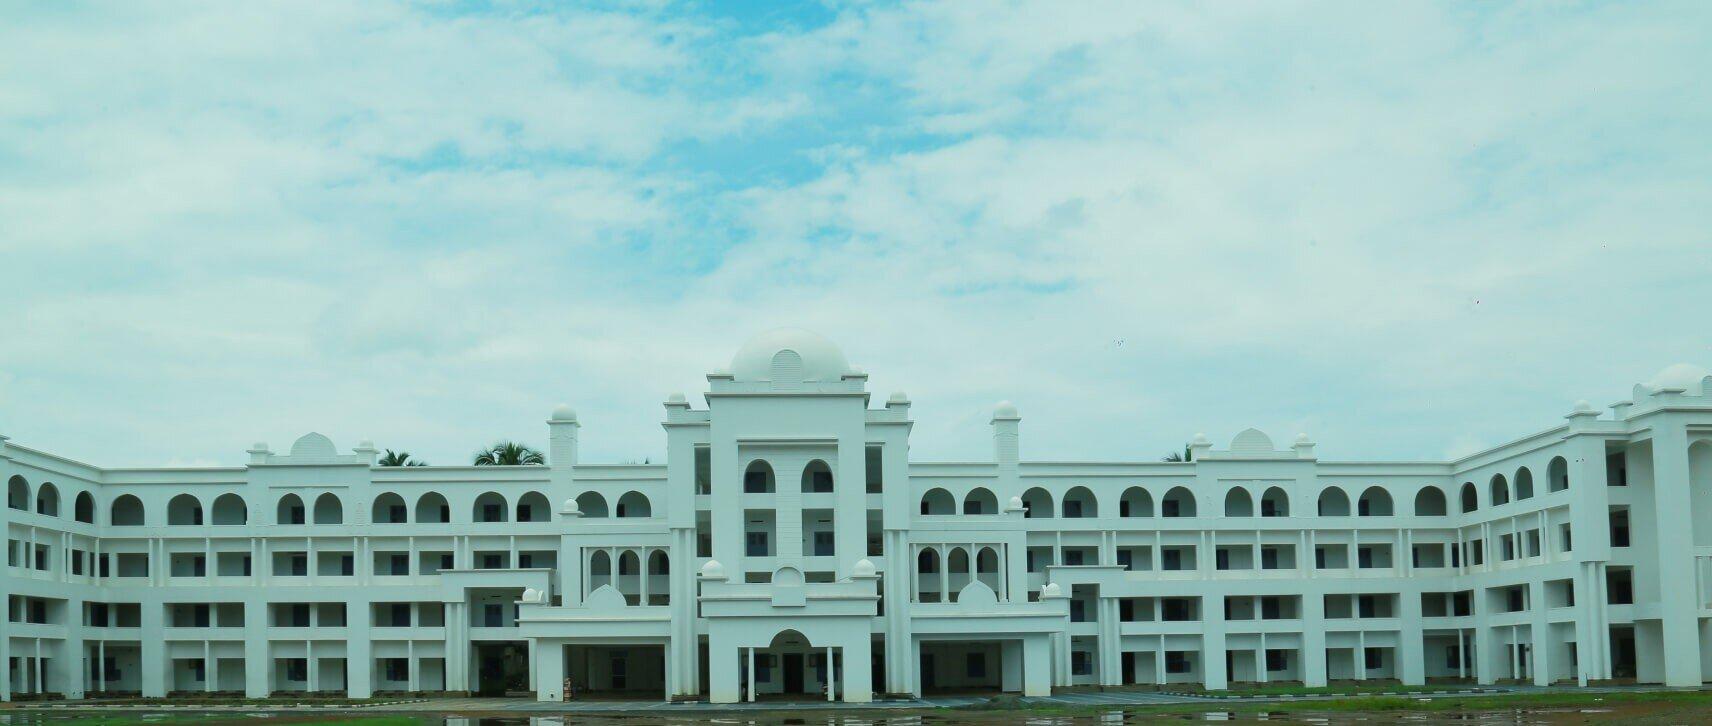 تعليم اللغة العربية في ولاية كيرالا، الهند